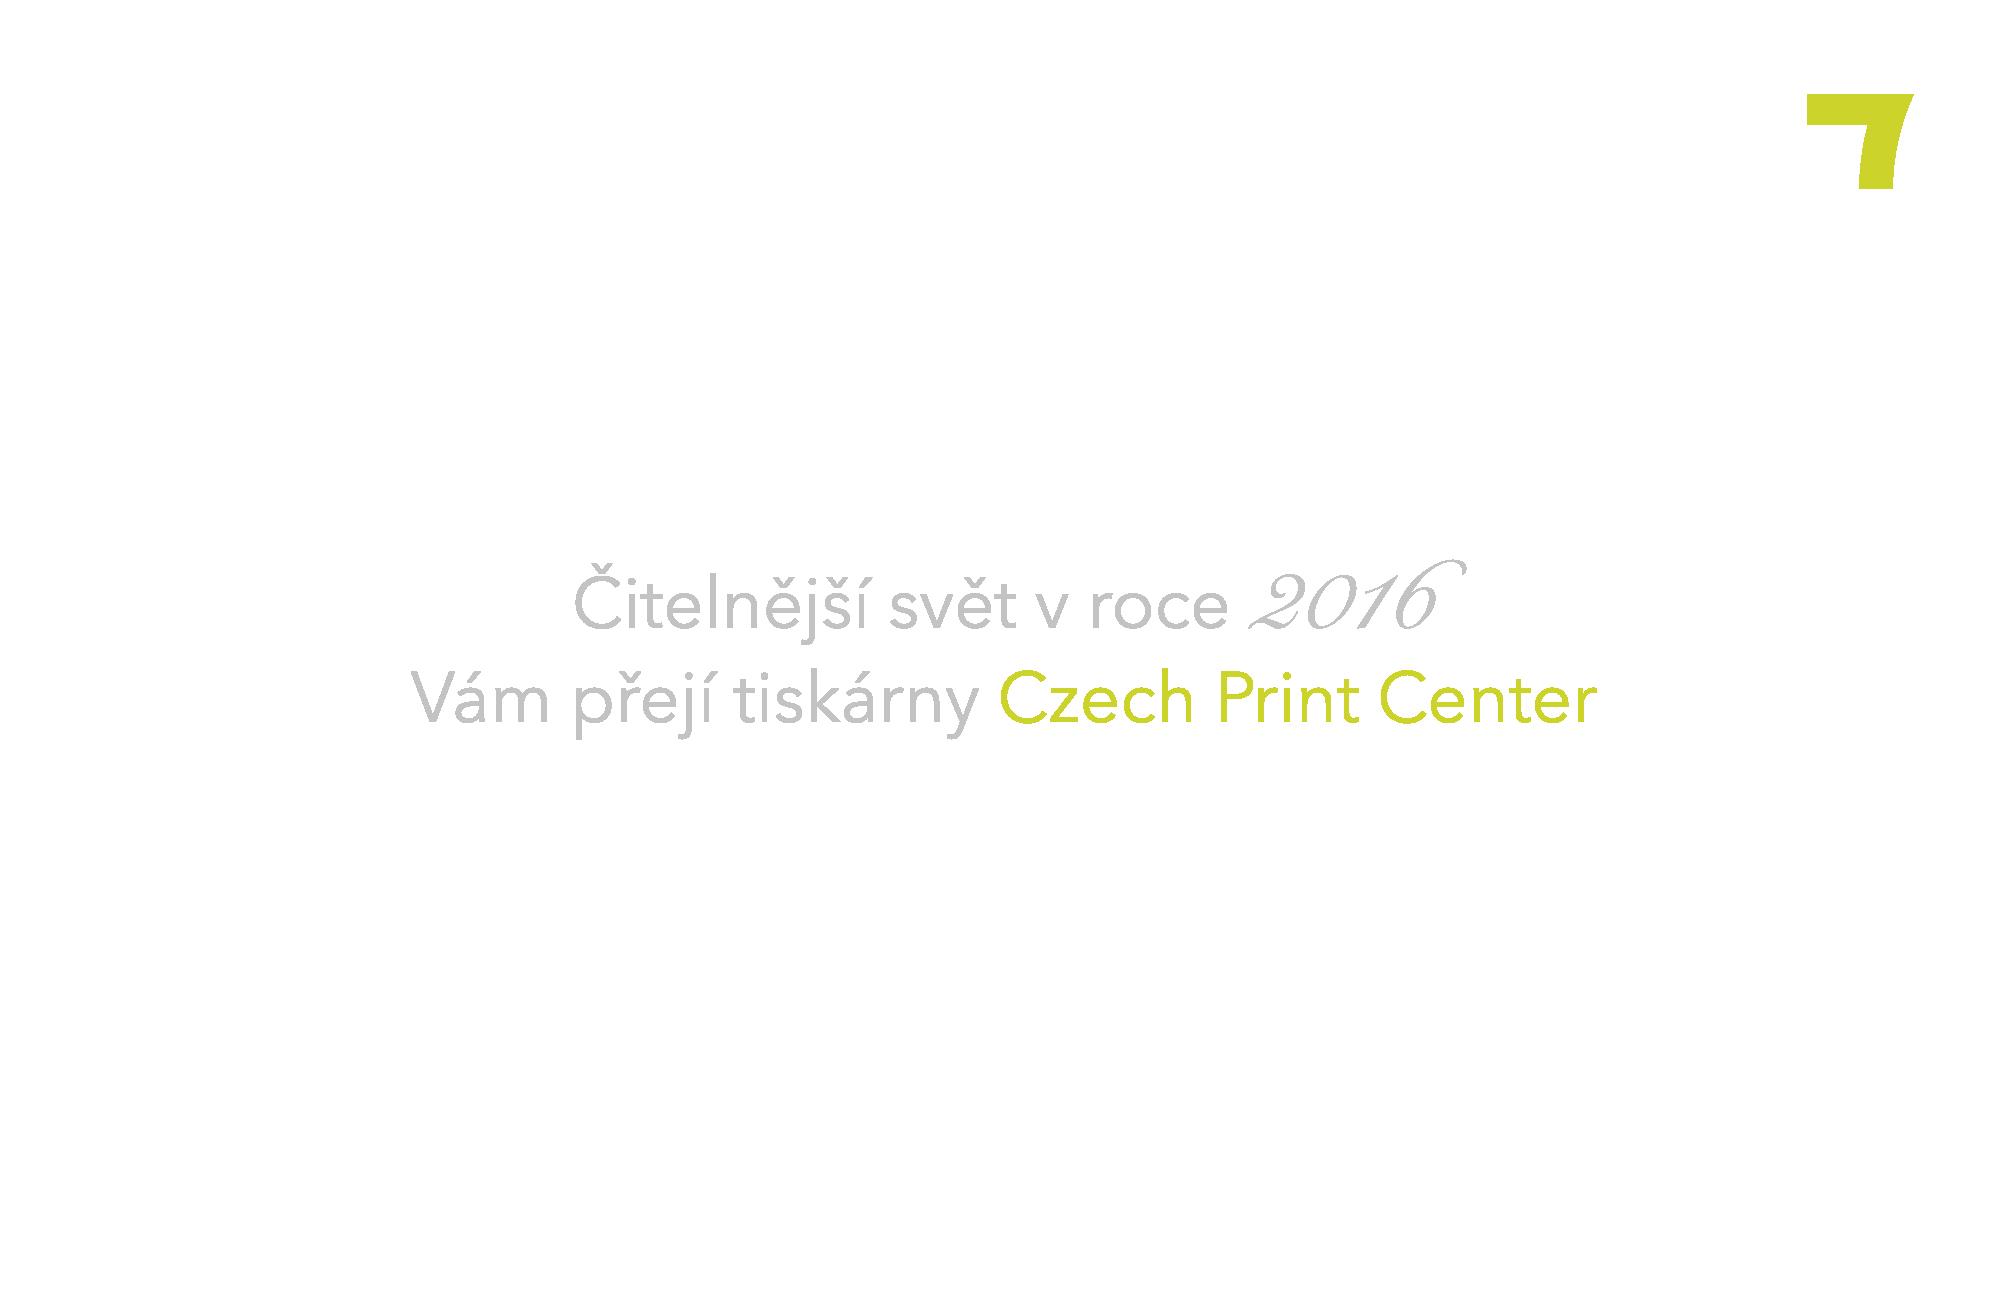 CPC_komplimentka_2016_600dpi-RGB